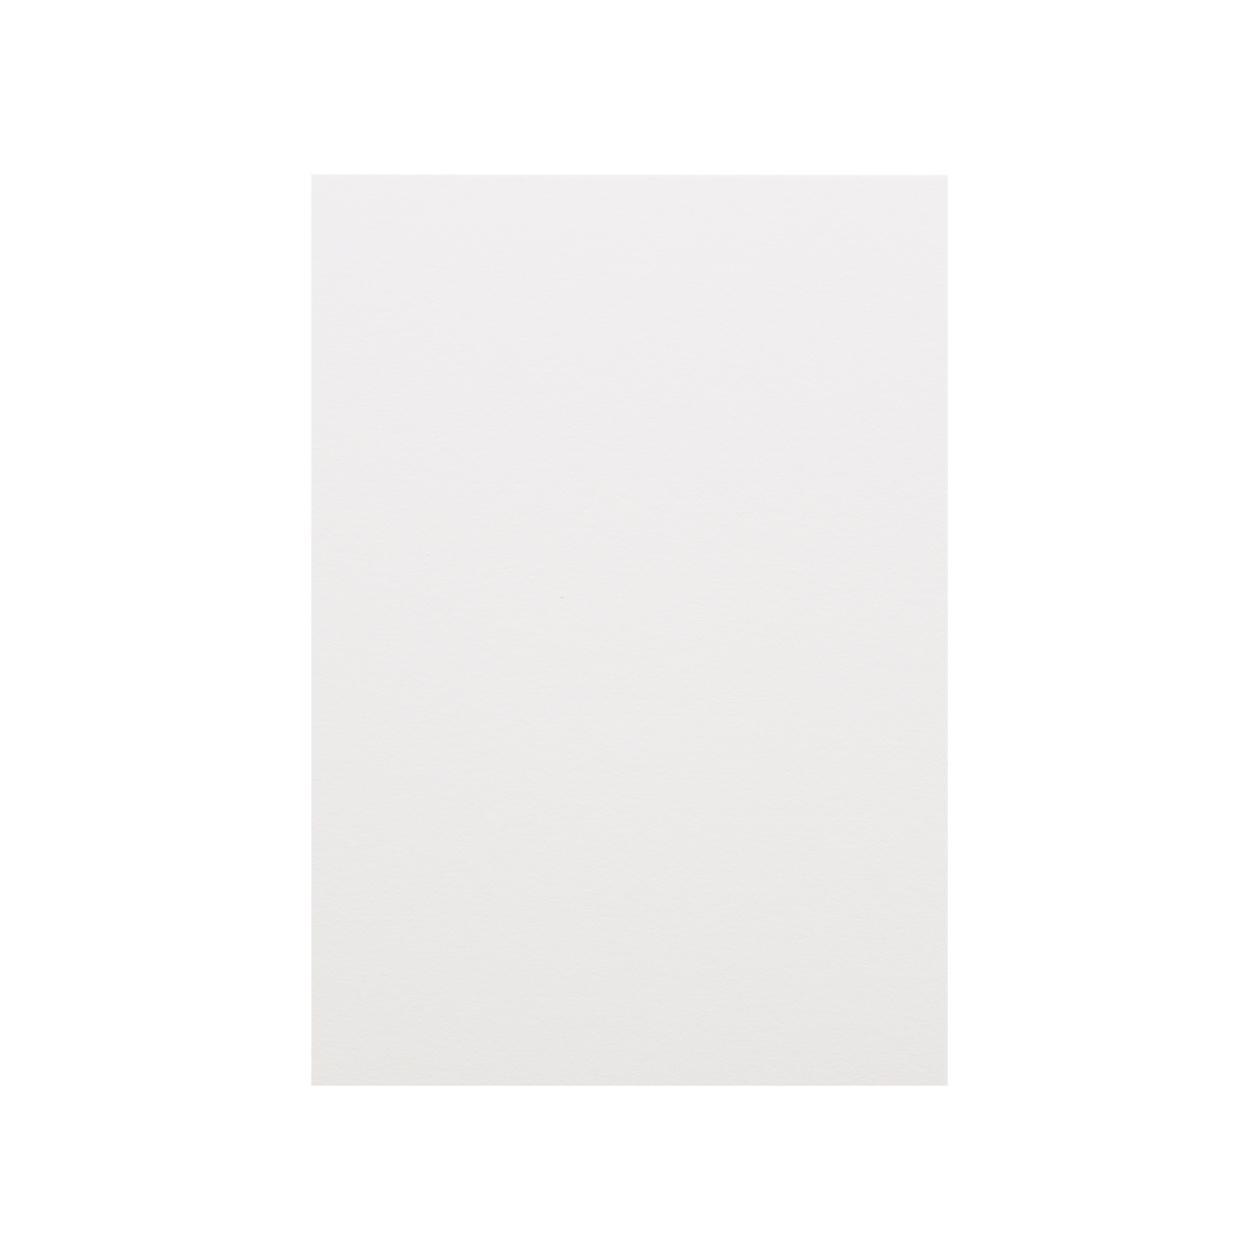 Pカード 二層合紙 あさぎ×スノーホワイト